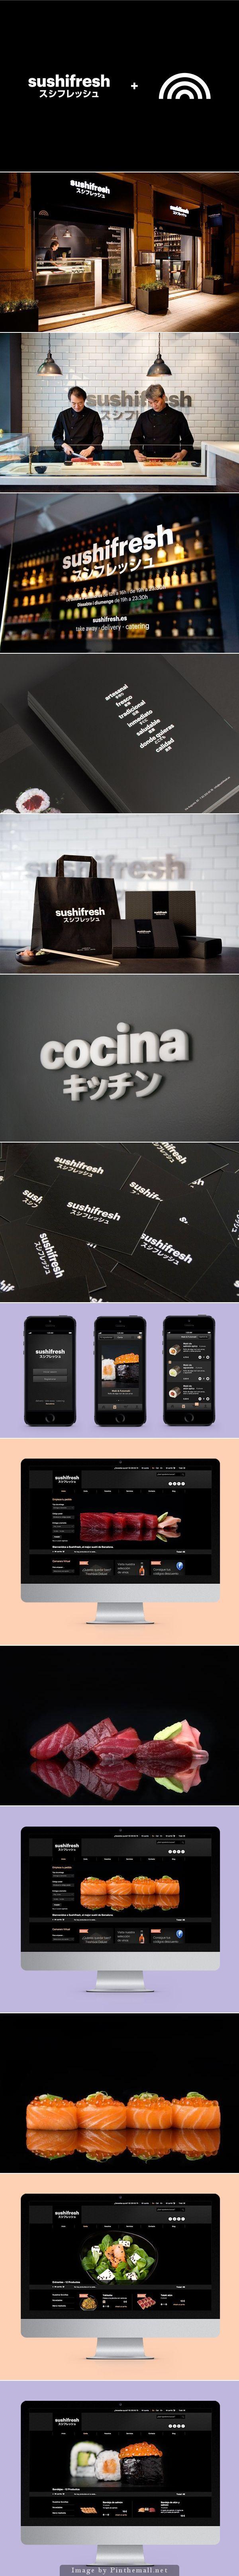 branding you! With love, BakSaks.com